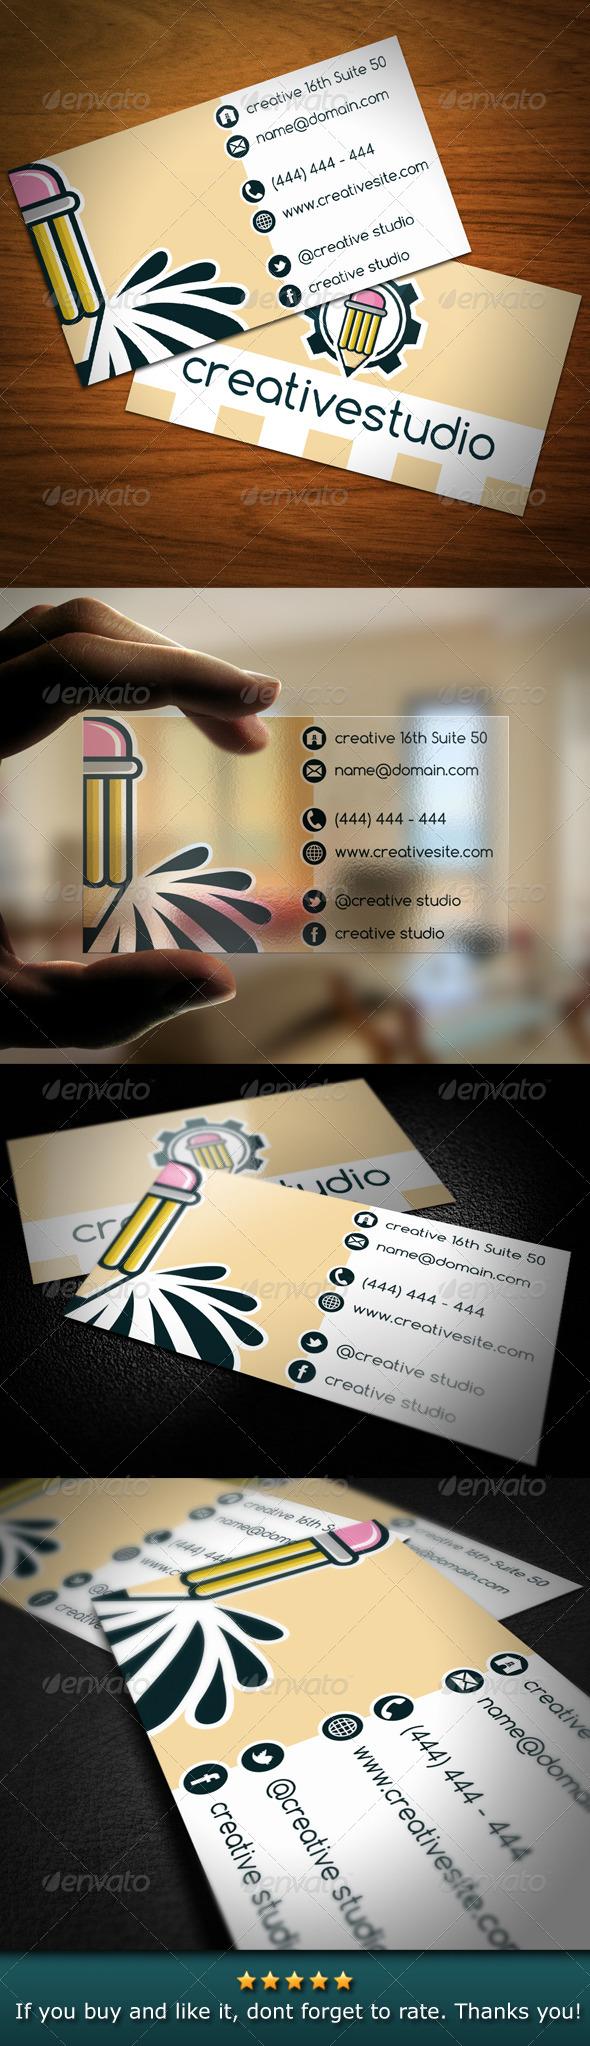 GraphicRiver Creative Studio Pencil Business Card 4765440